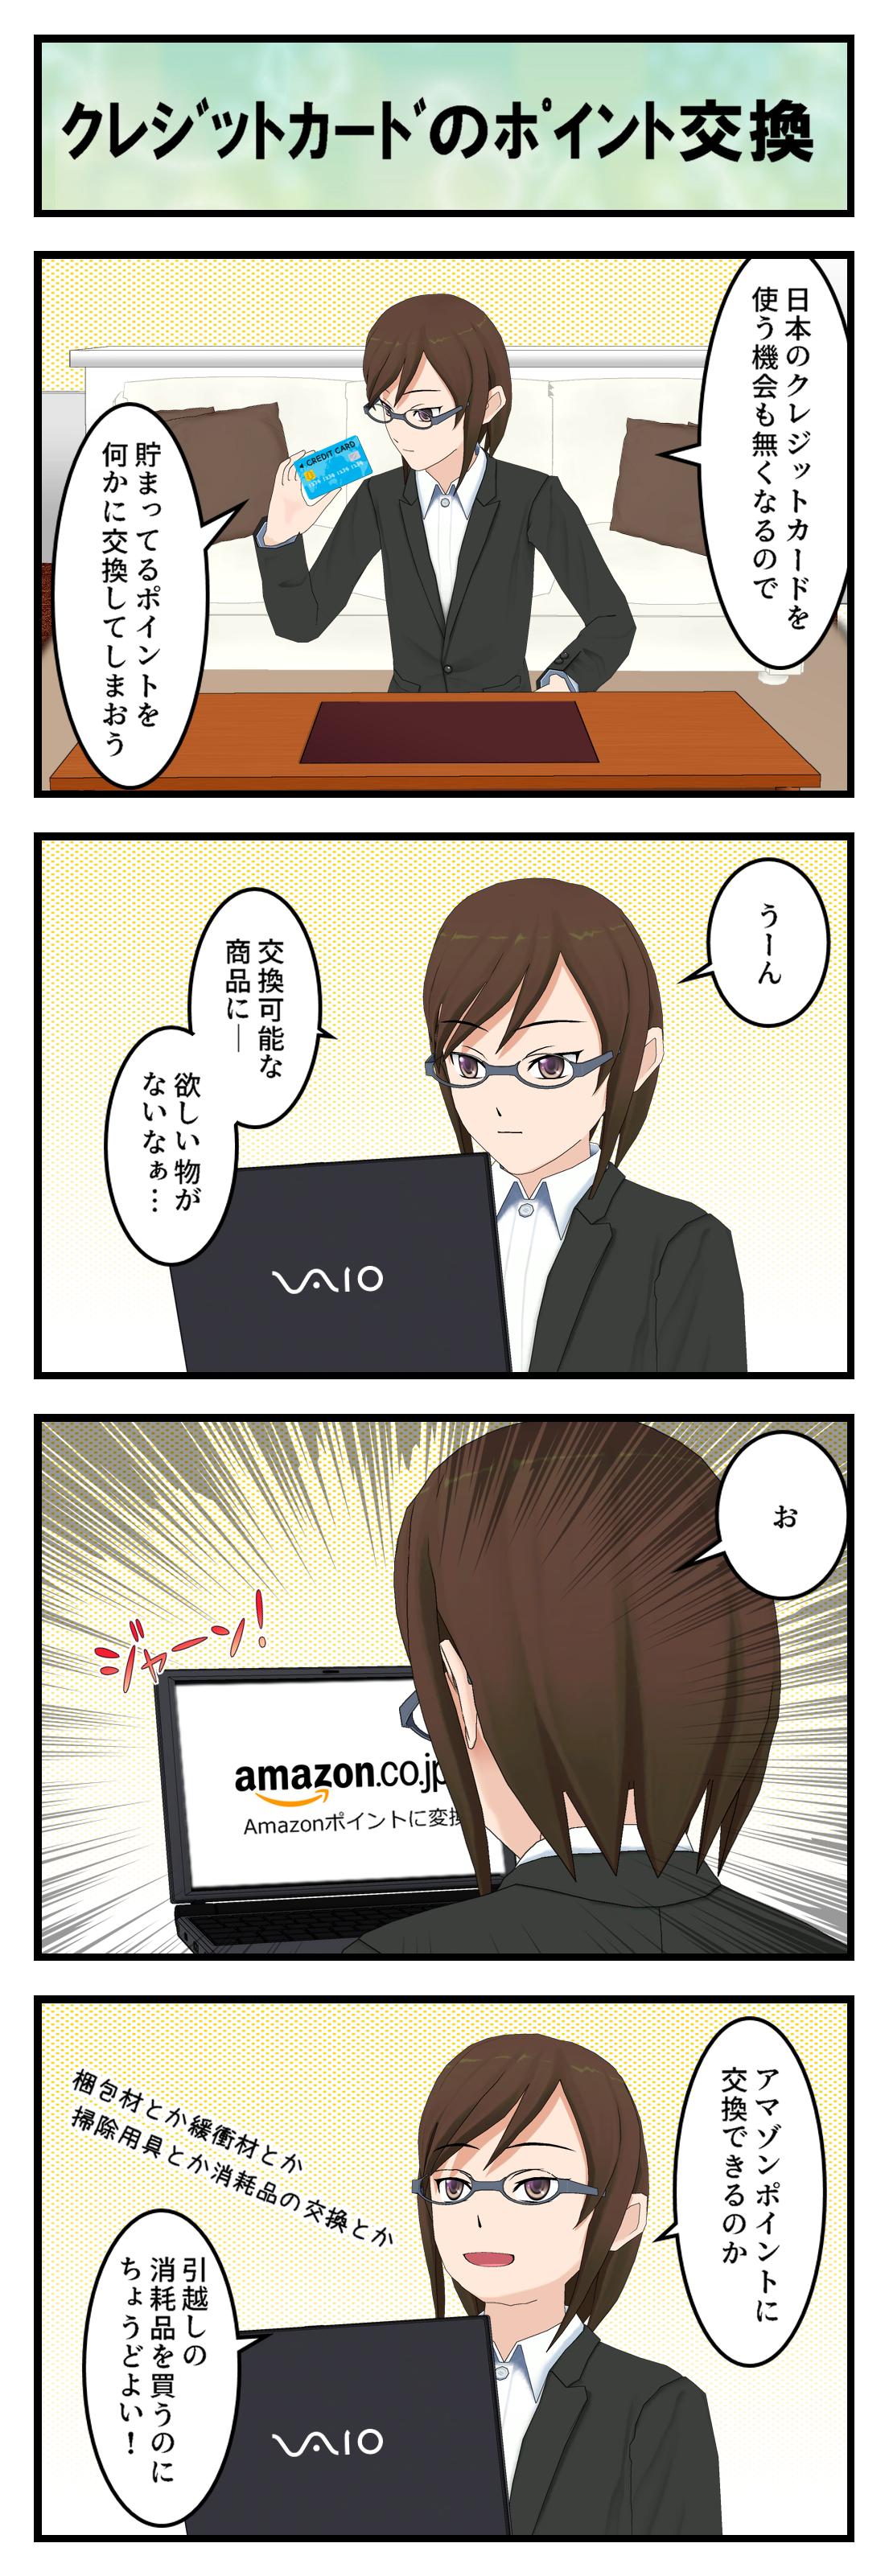 Q160_ポイント変換_001